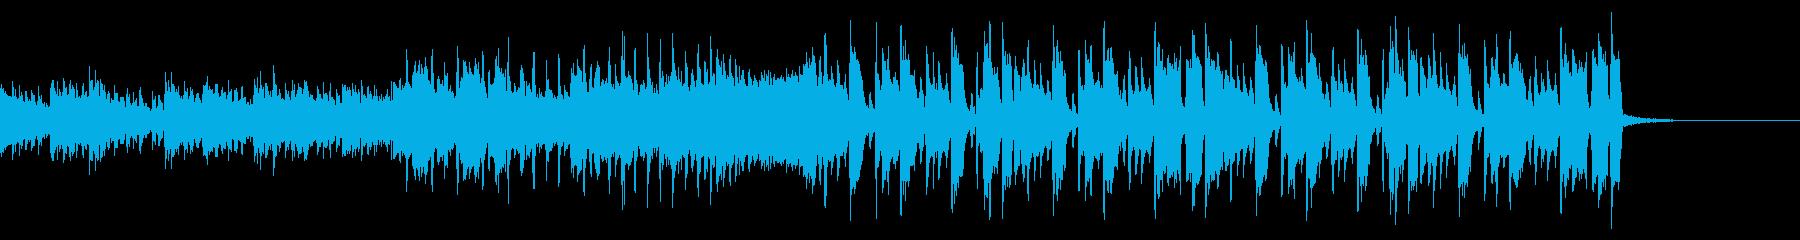 楽しい曲調な変則ビートの再生済みの波形